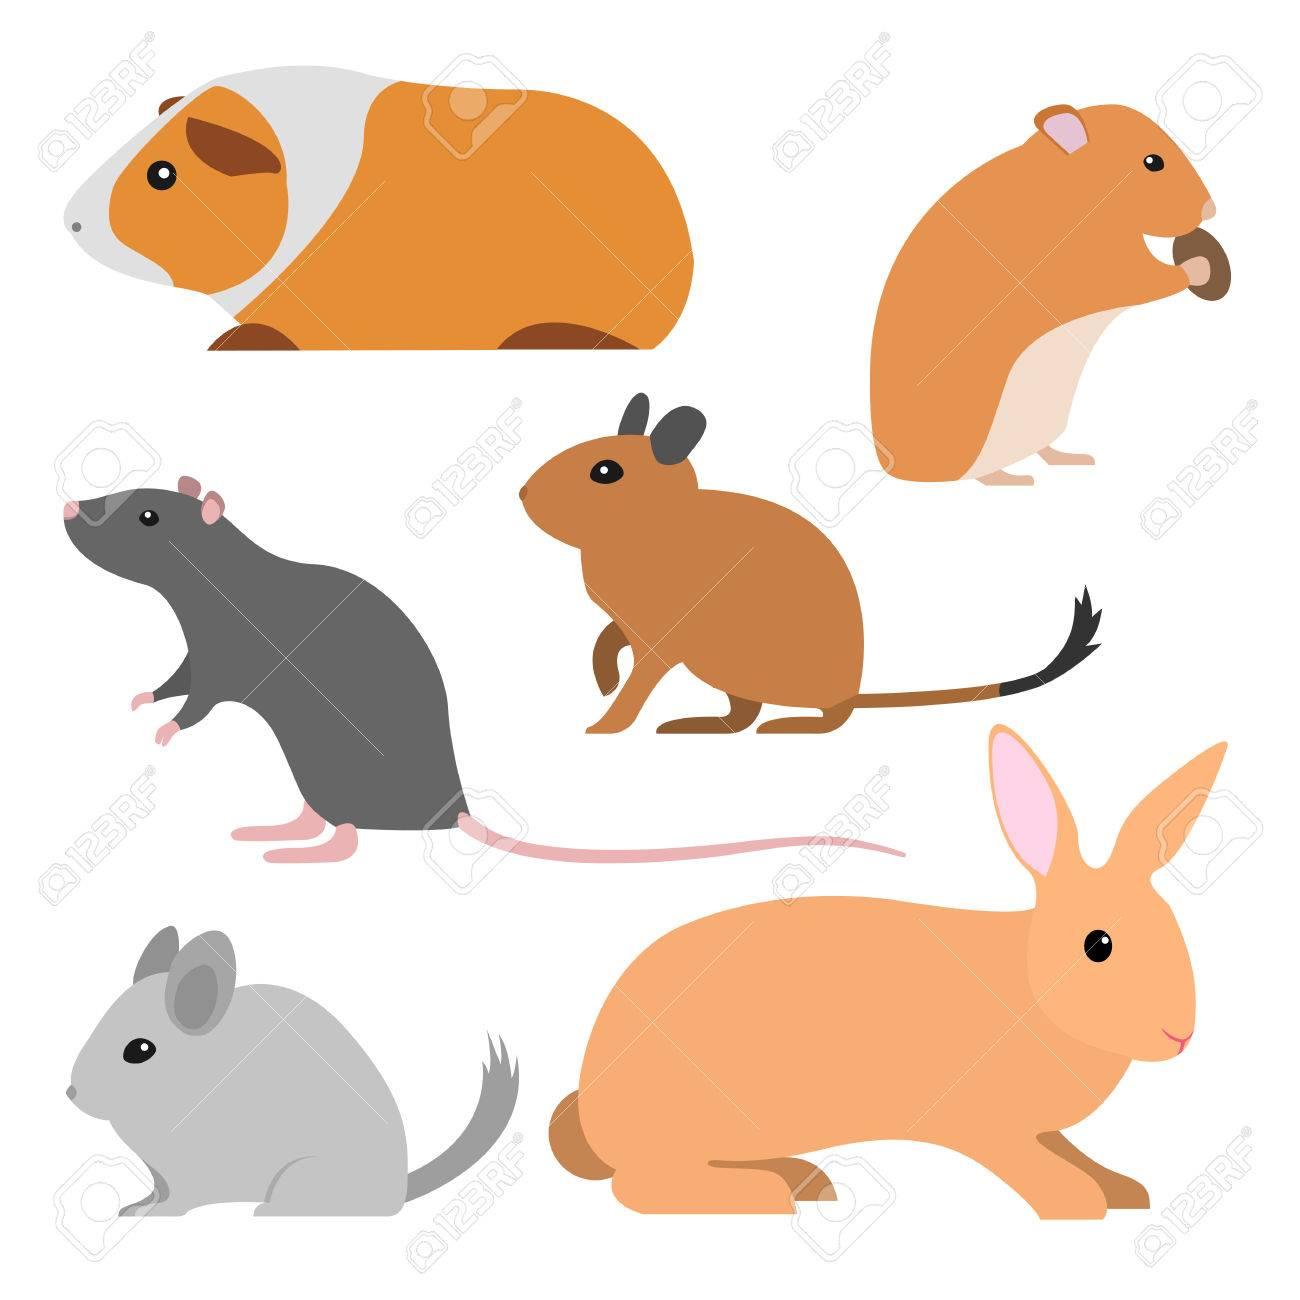 かわいい齧歯動物のセットは漫画のスタイルは孤立した小さな家畜を